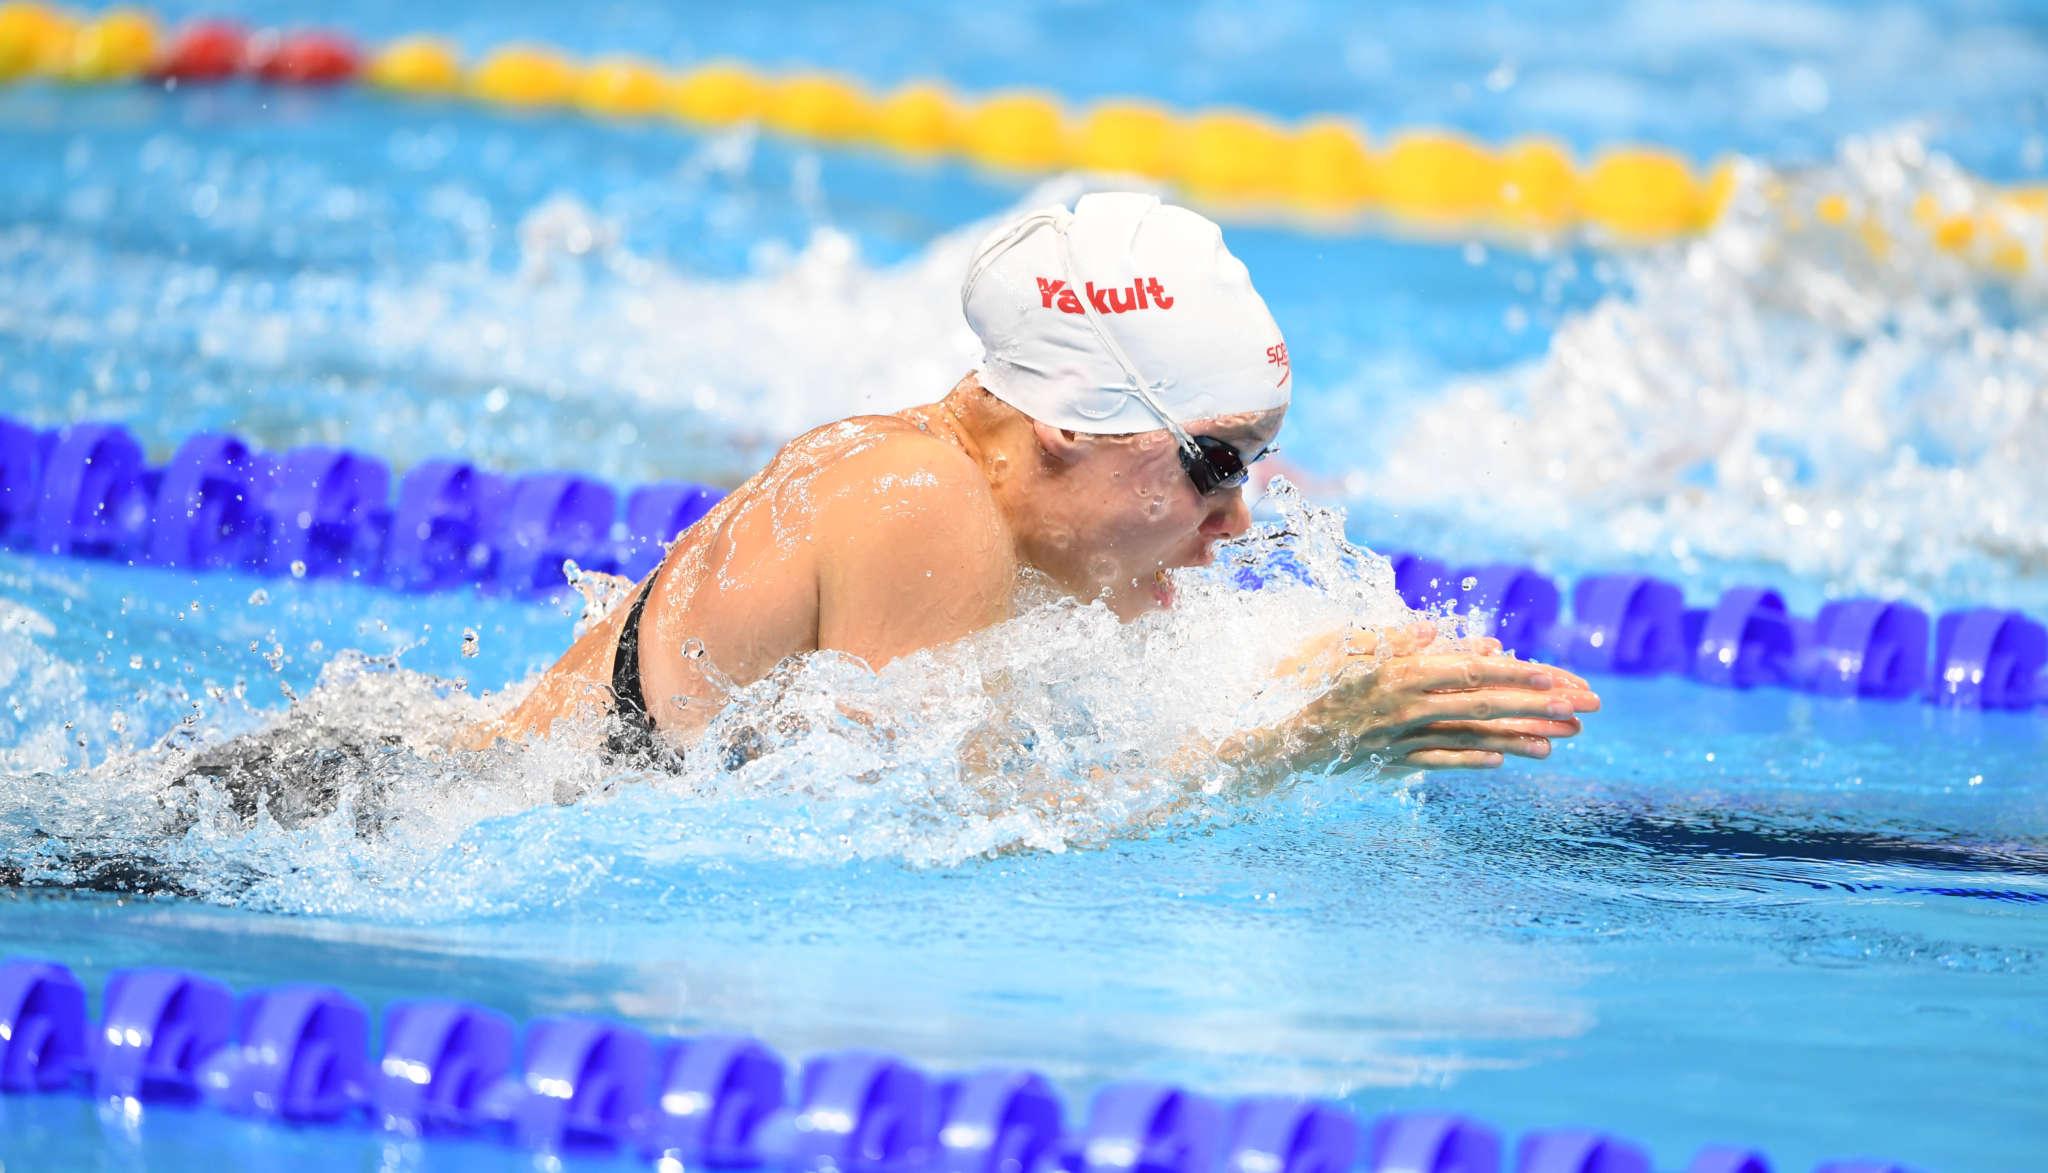 mel zajac swim meet 2012 results